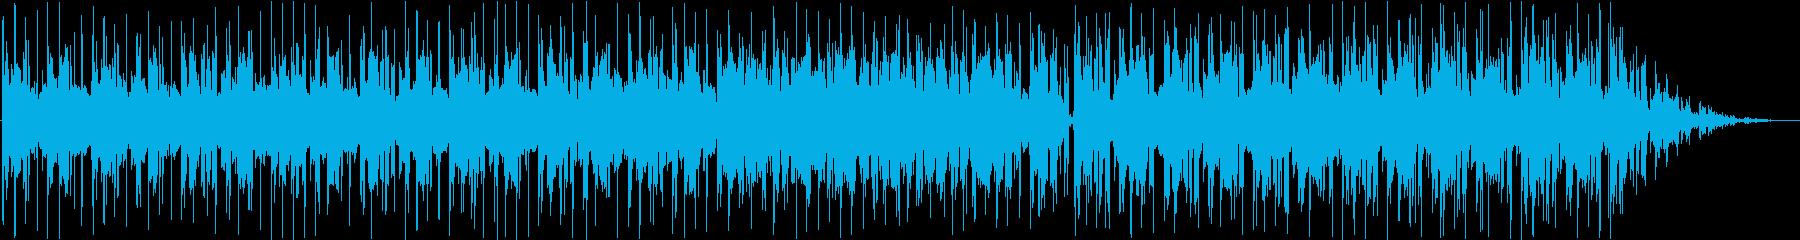 Lo-fi Hiphop HEALINGの再生済みの波形